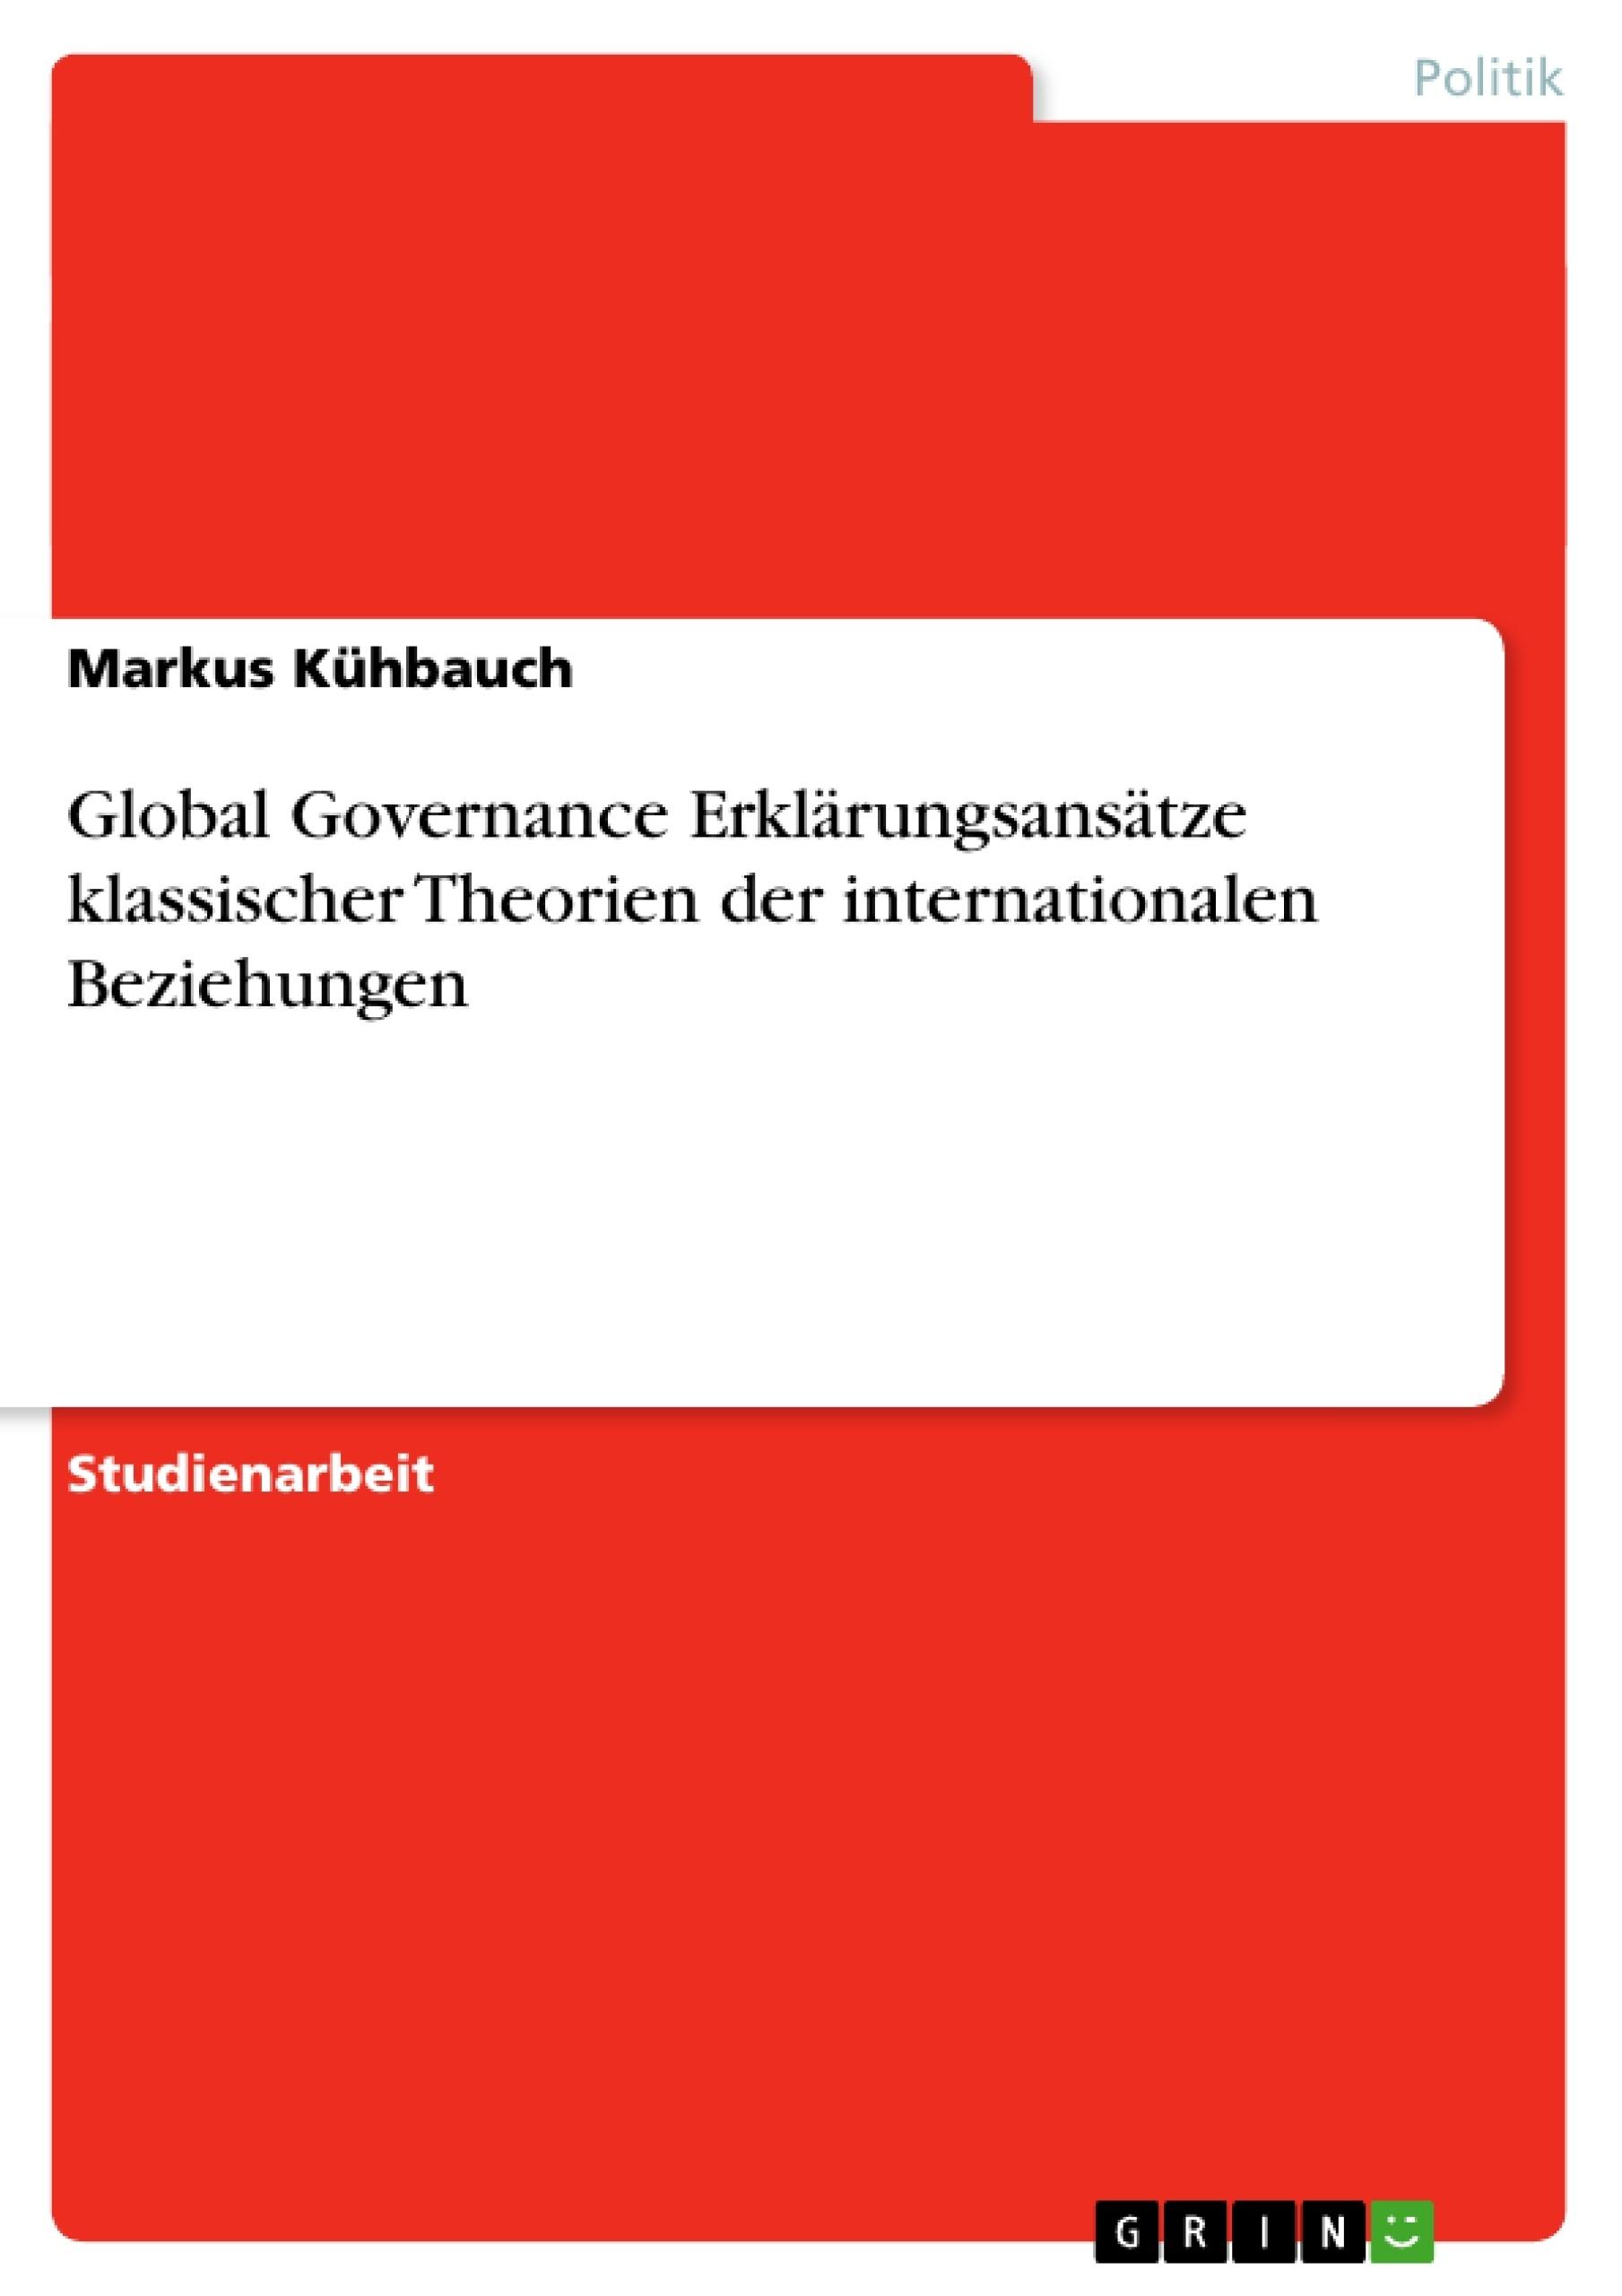 Titel: Global Governance Erklärungsansätze klassischer Theorien der internationalen Beziehungen